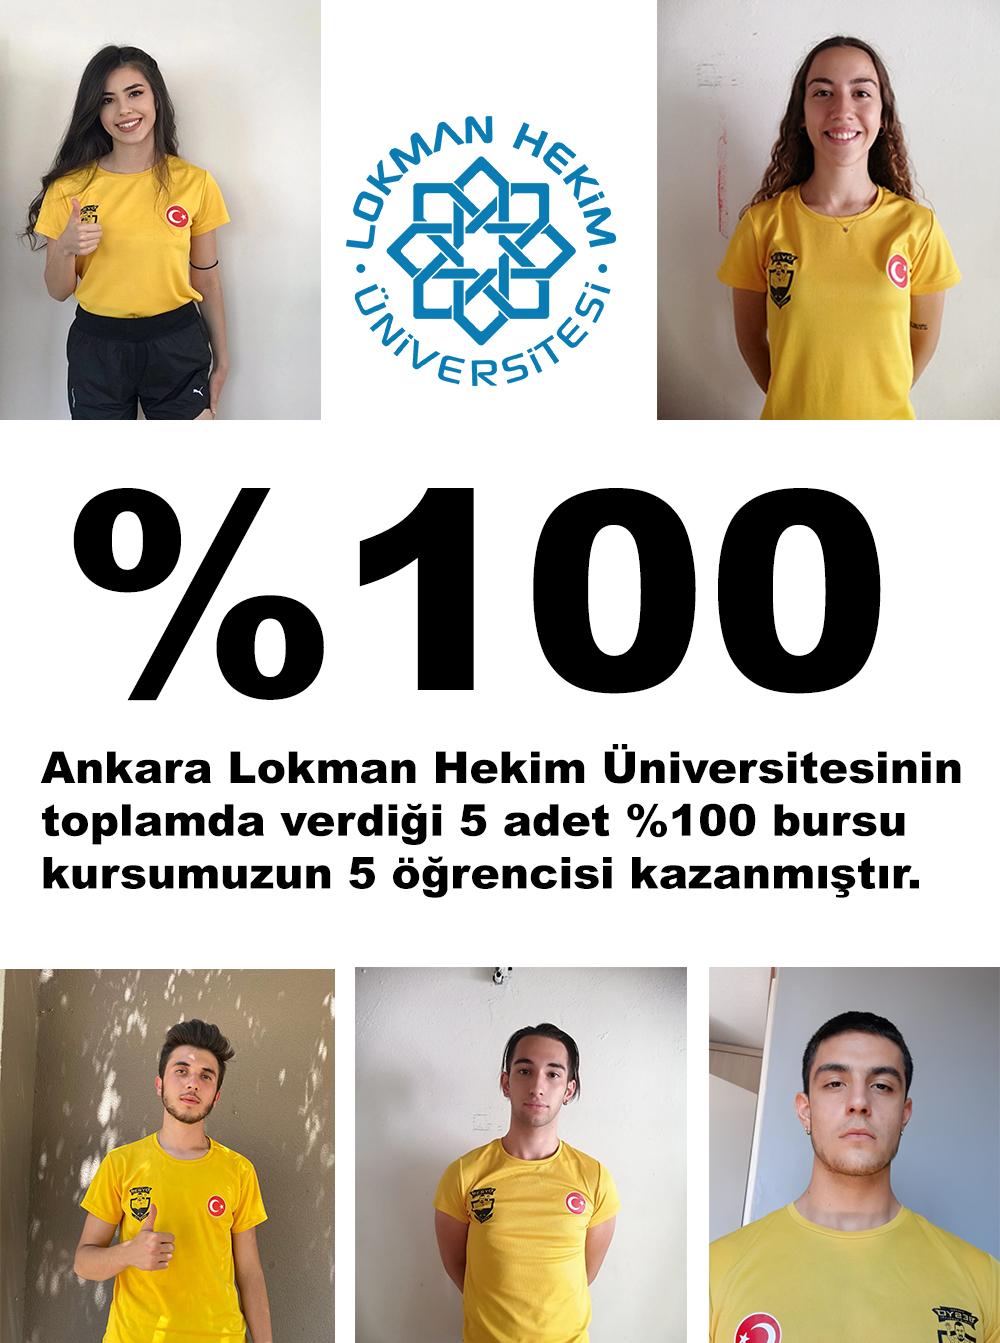 Ankara Lokman hekim üniversitesinin toplamda verdiği 5 adet %100 bursu kursumuzun 5 öğrencisi kazanmıştır.